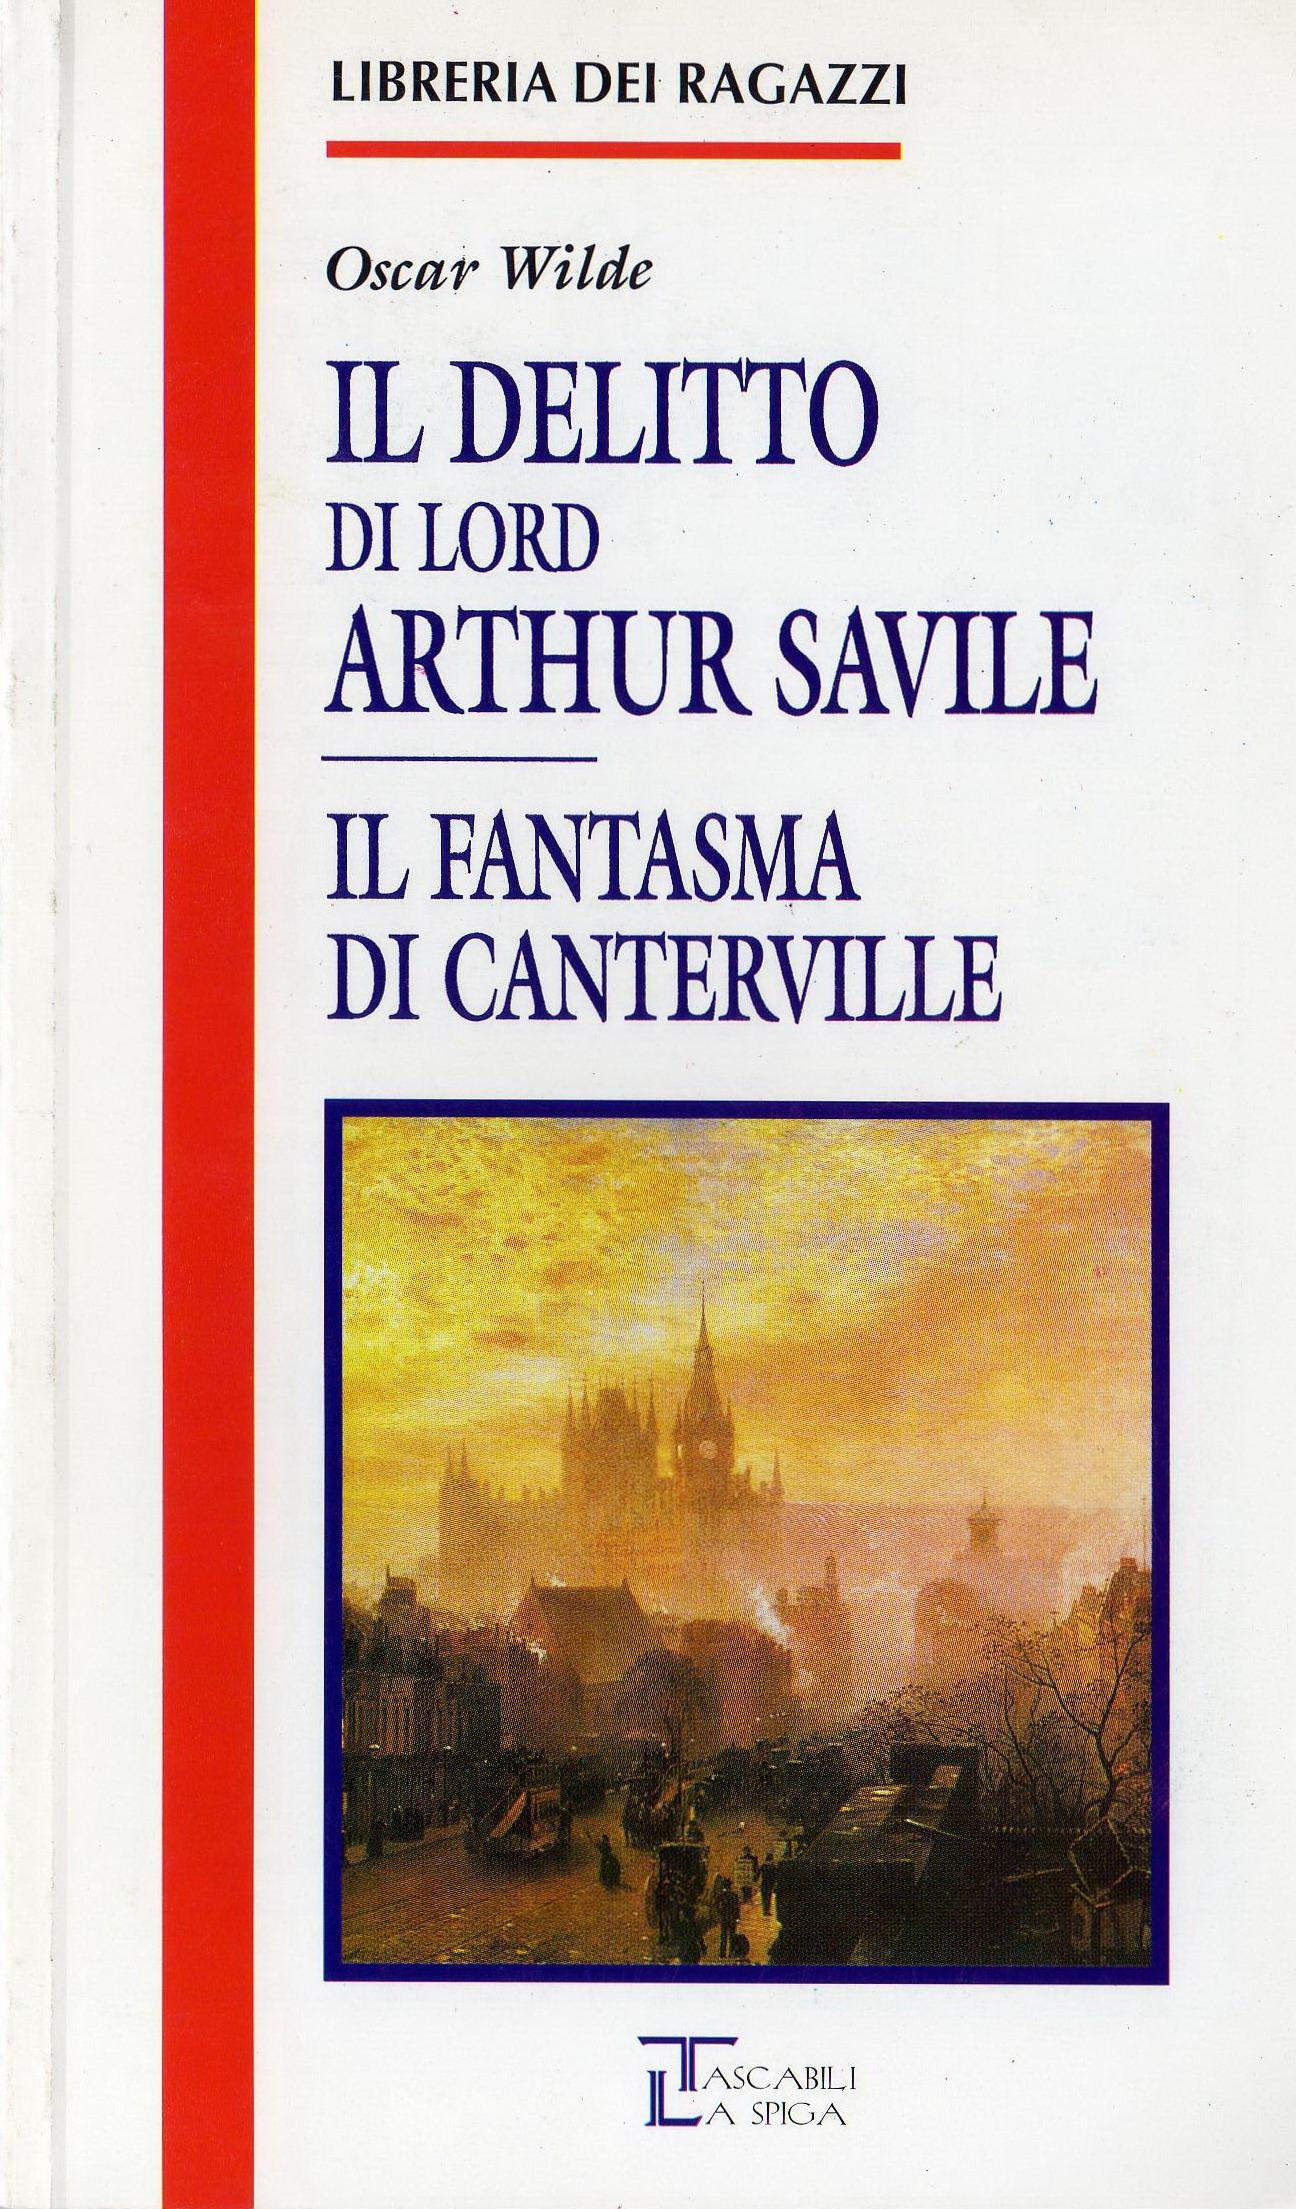 Il delitto di Lord Arthur Saville - Il fantasma di Canterville